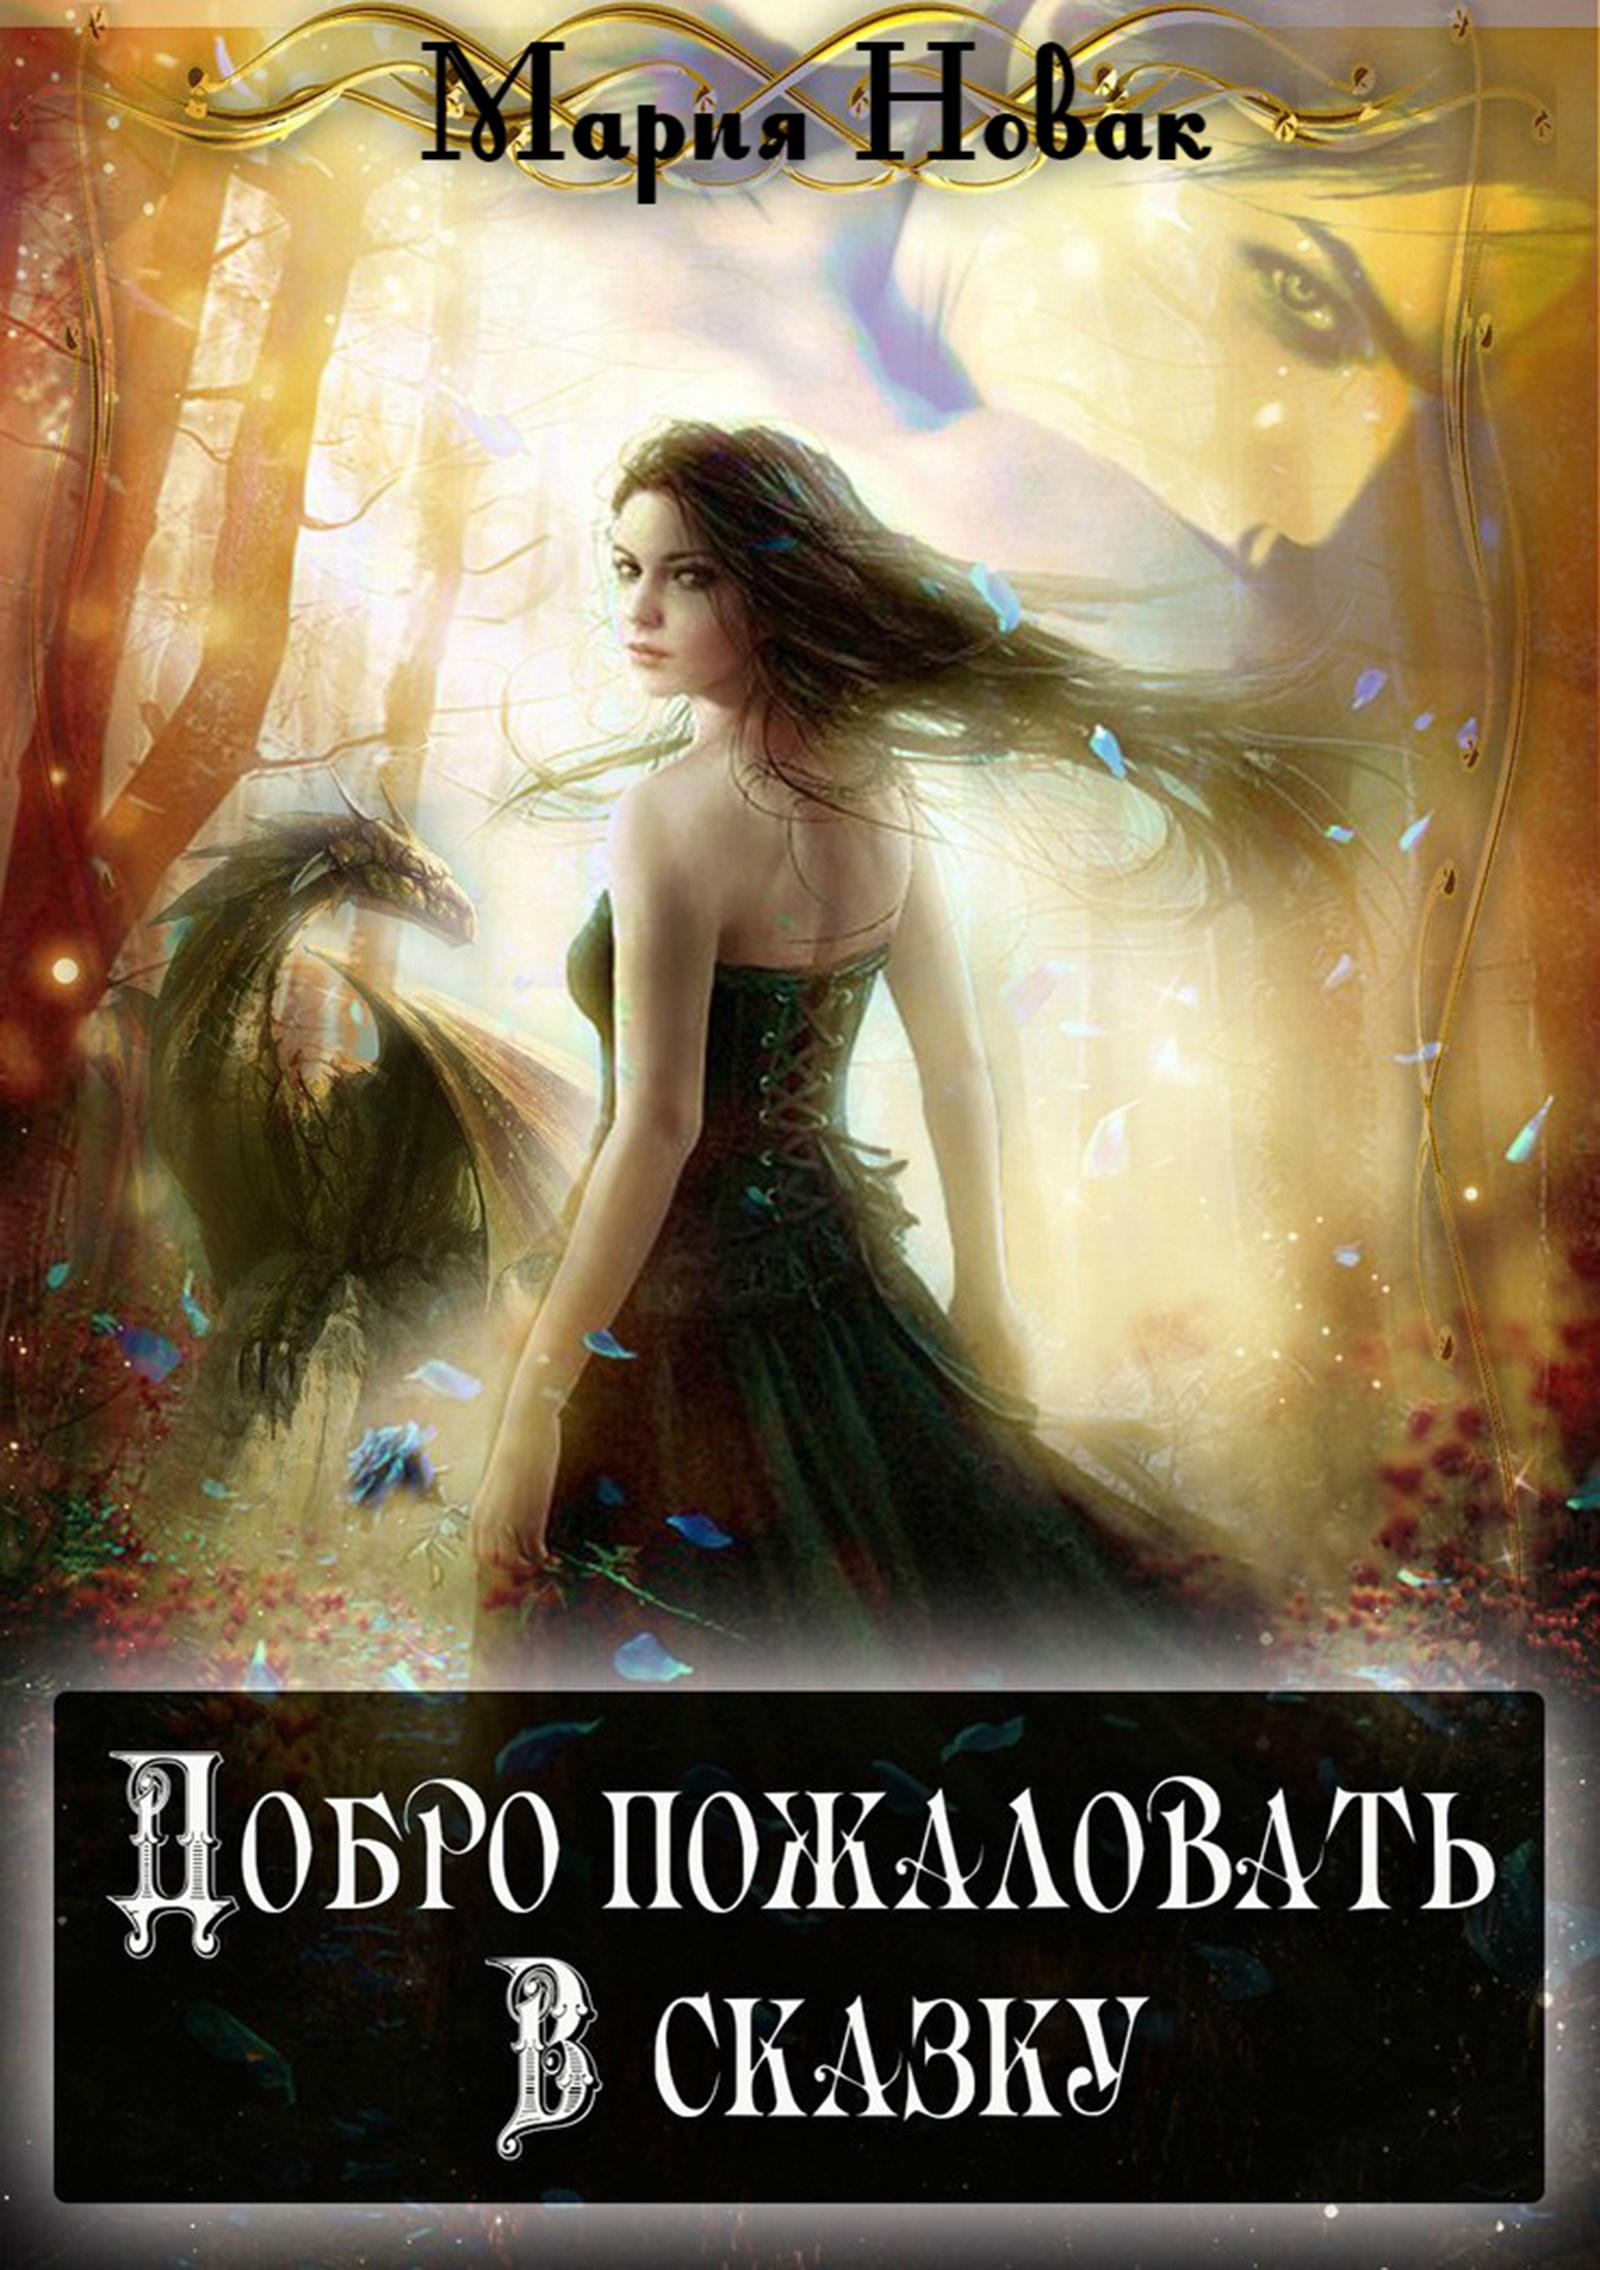 Добро пожаловать в сказку! Мария Новак